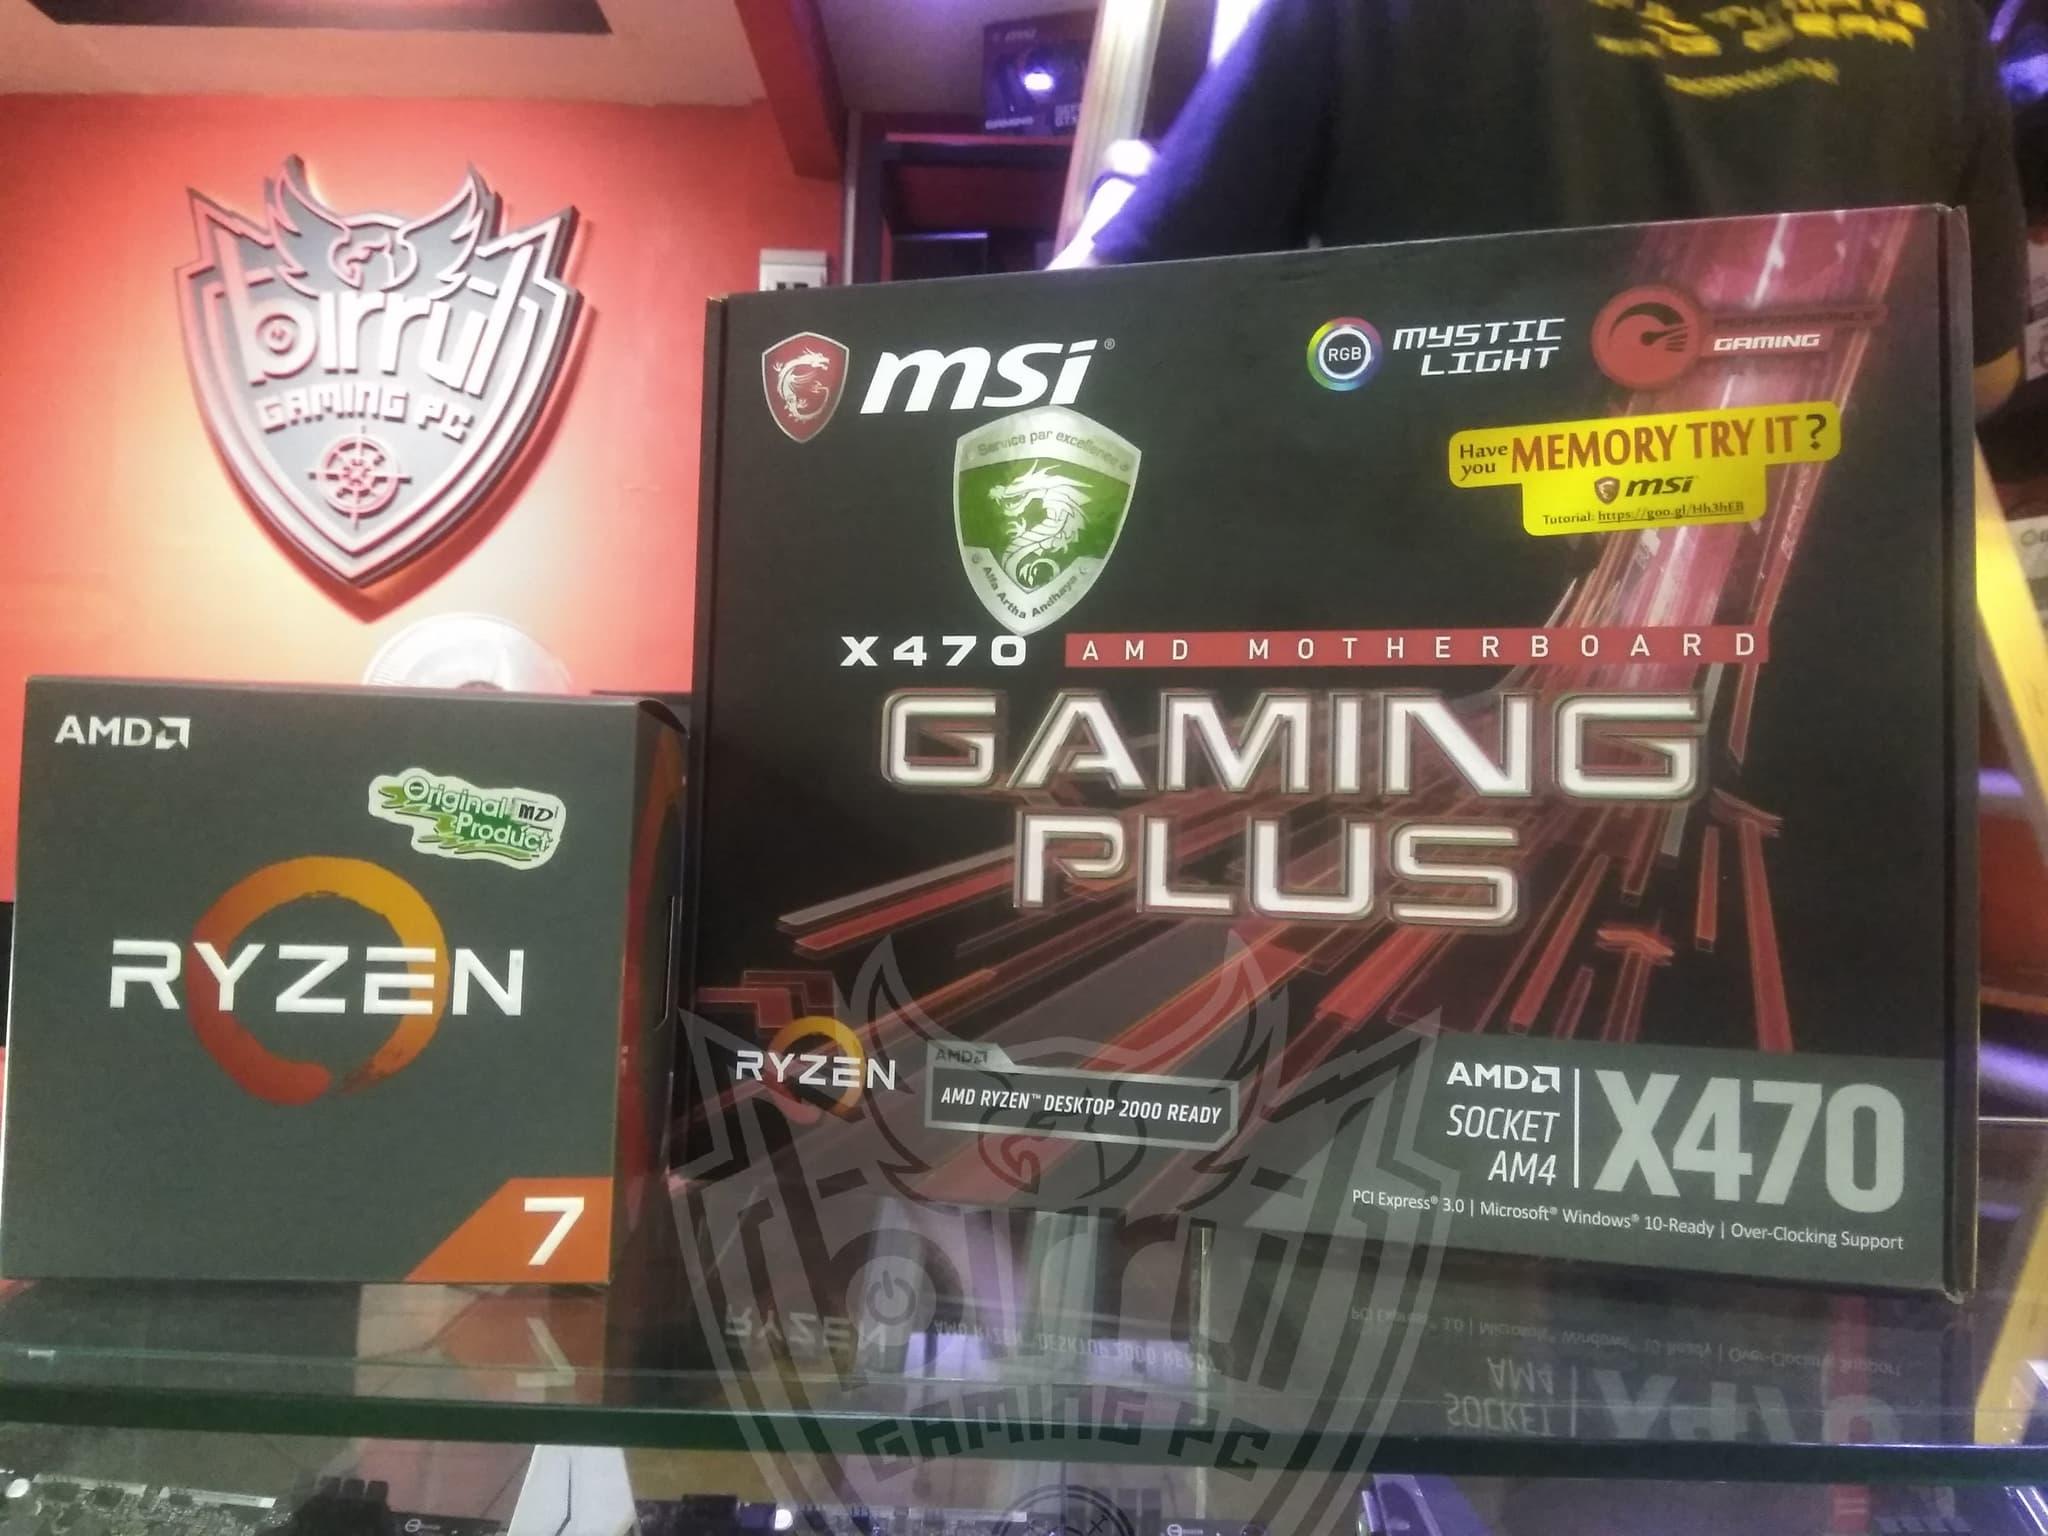 Jual Paket Bundle AMD Ryzen 7 2700 Feat MSI X470 Gaming Plus